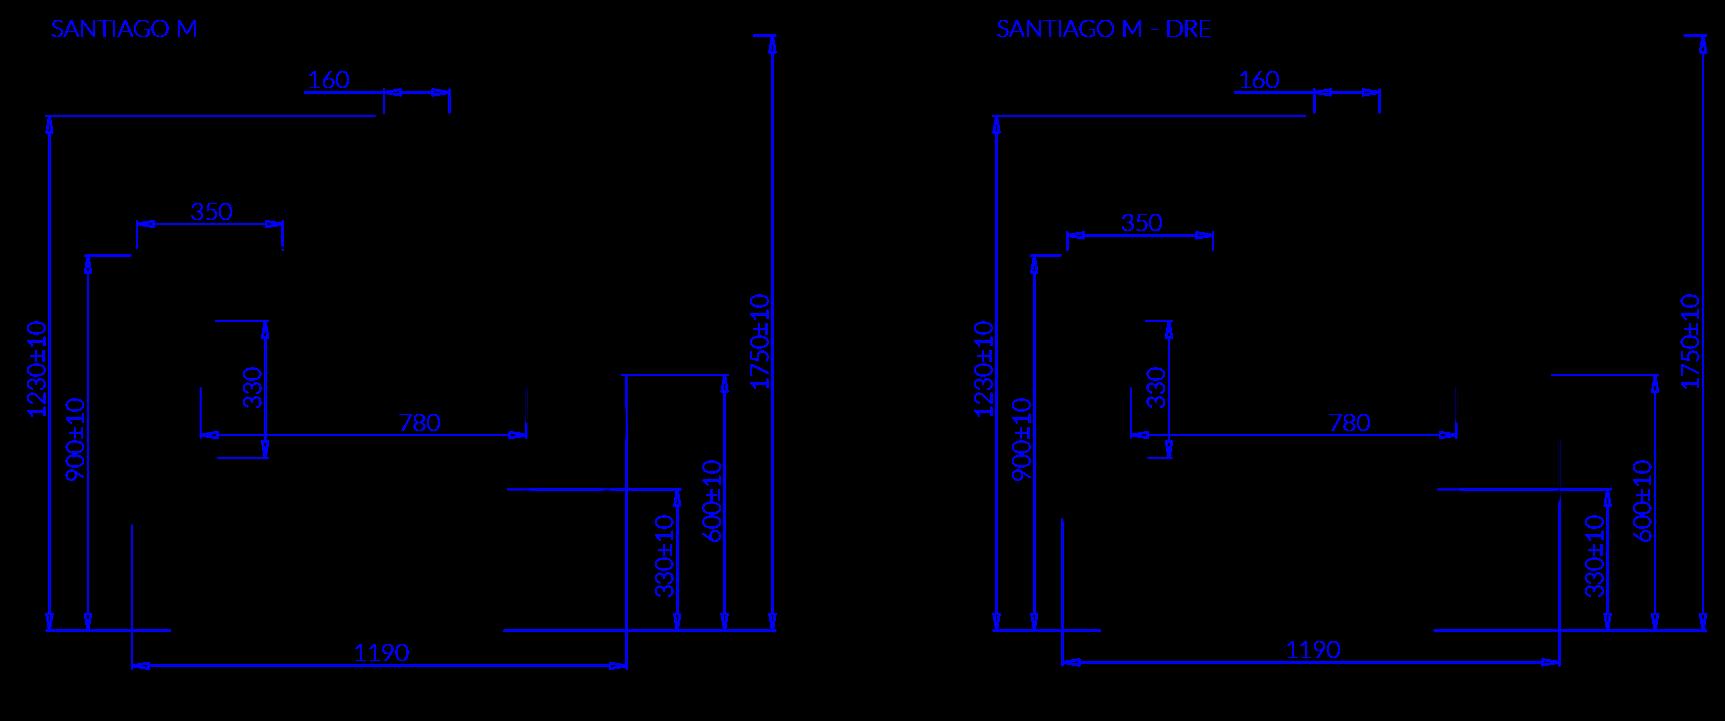 Rysunek techniczny Witryna mroźnicza SANTIAGO M